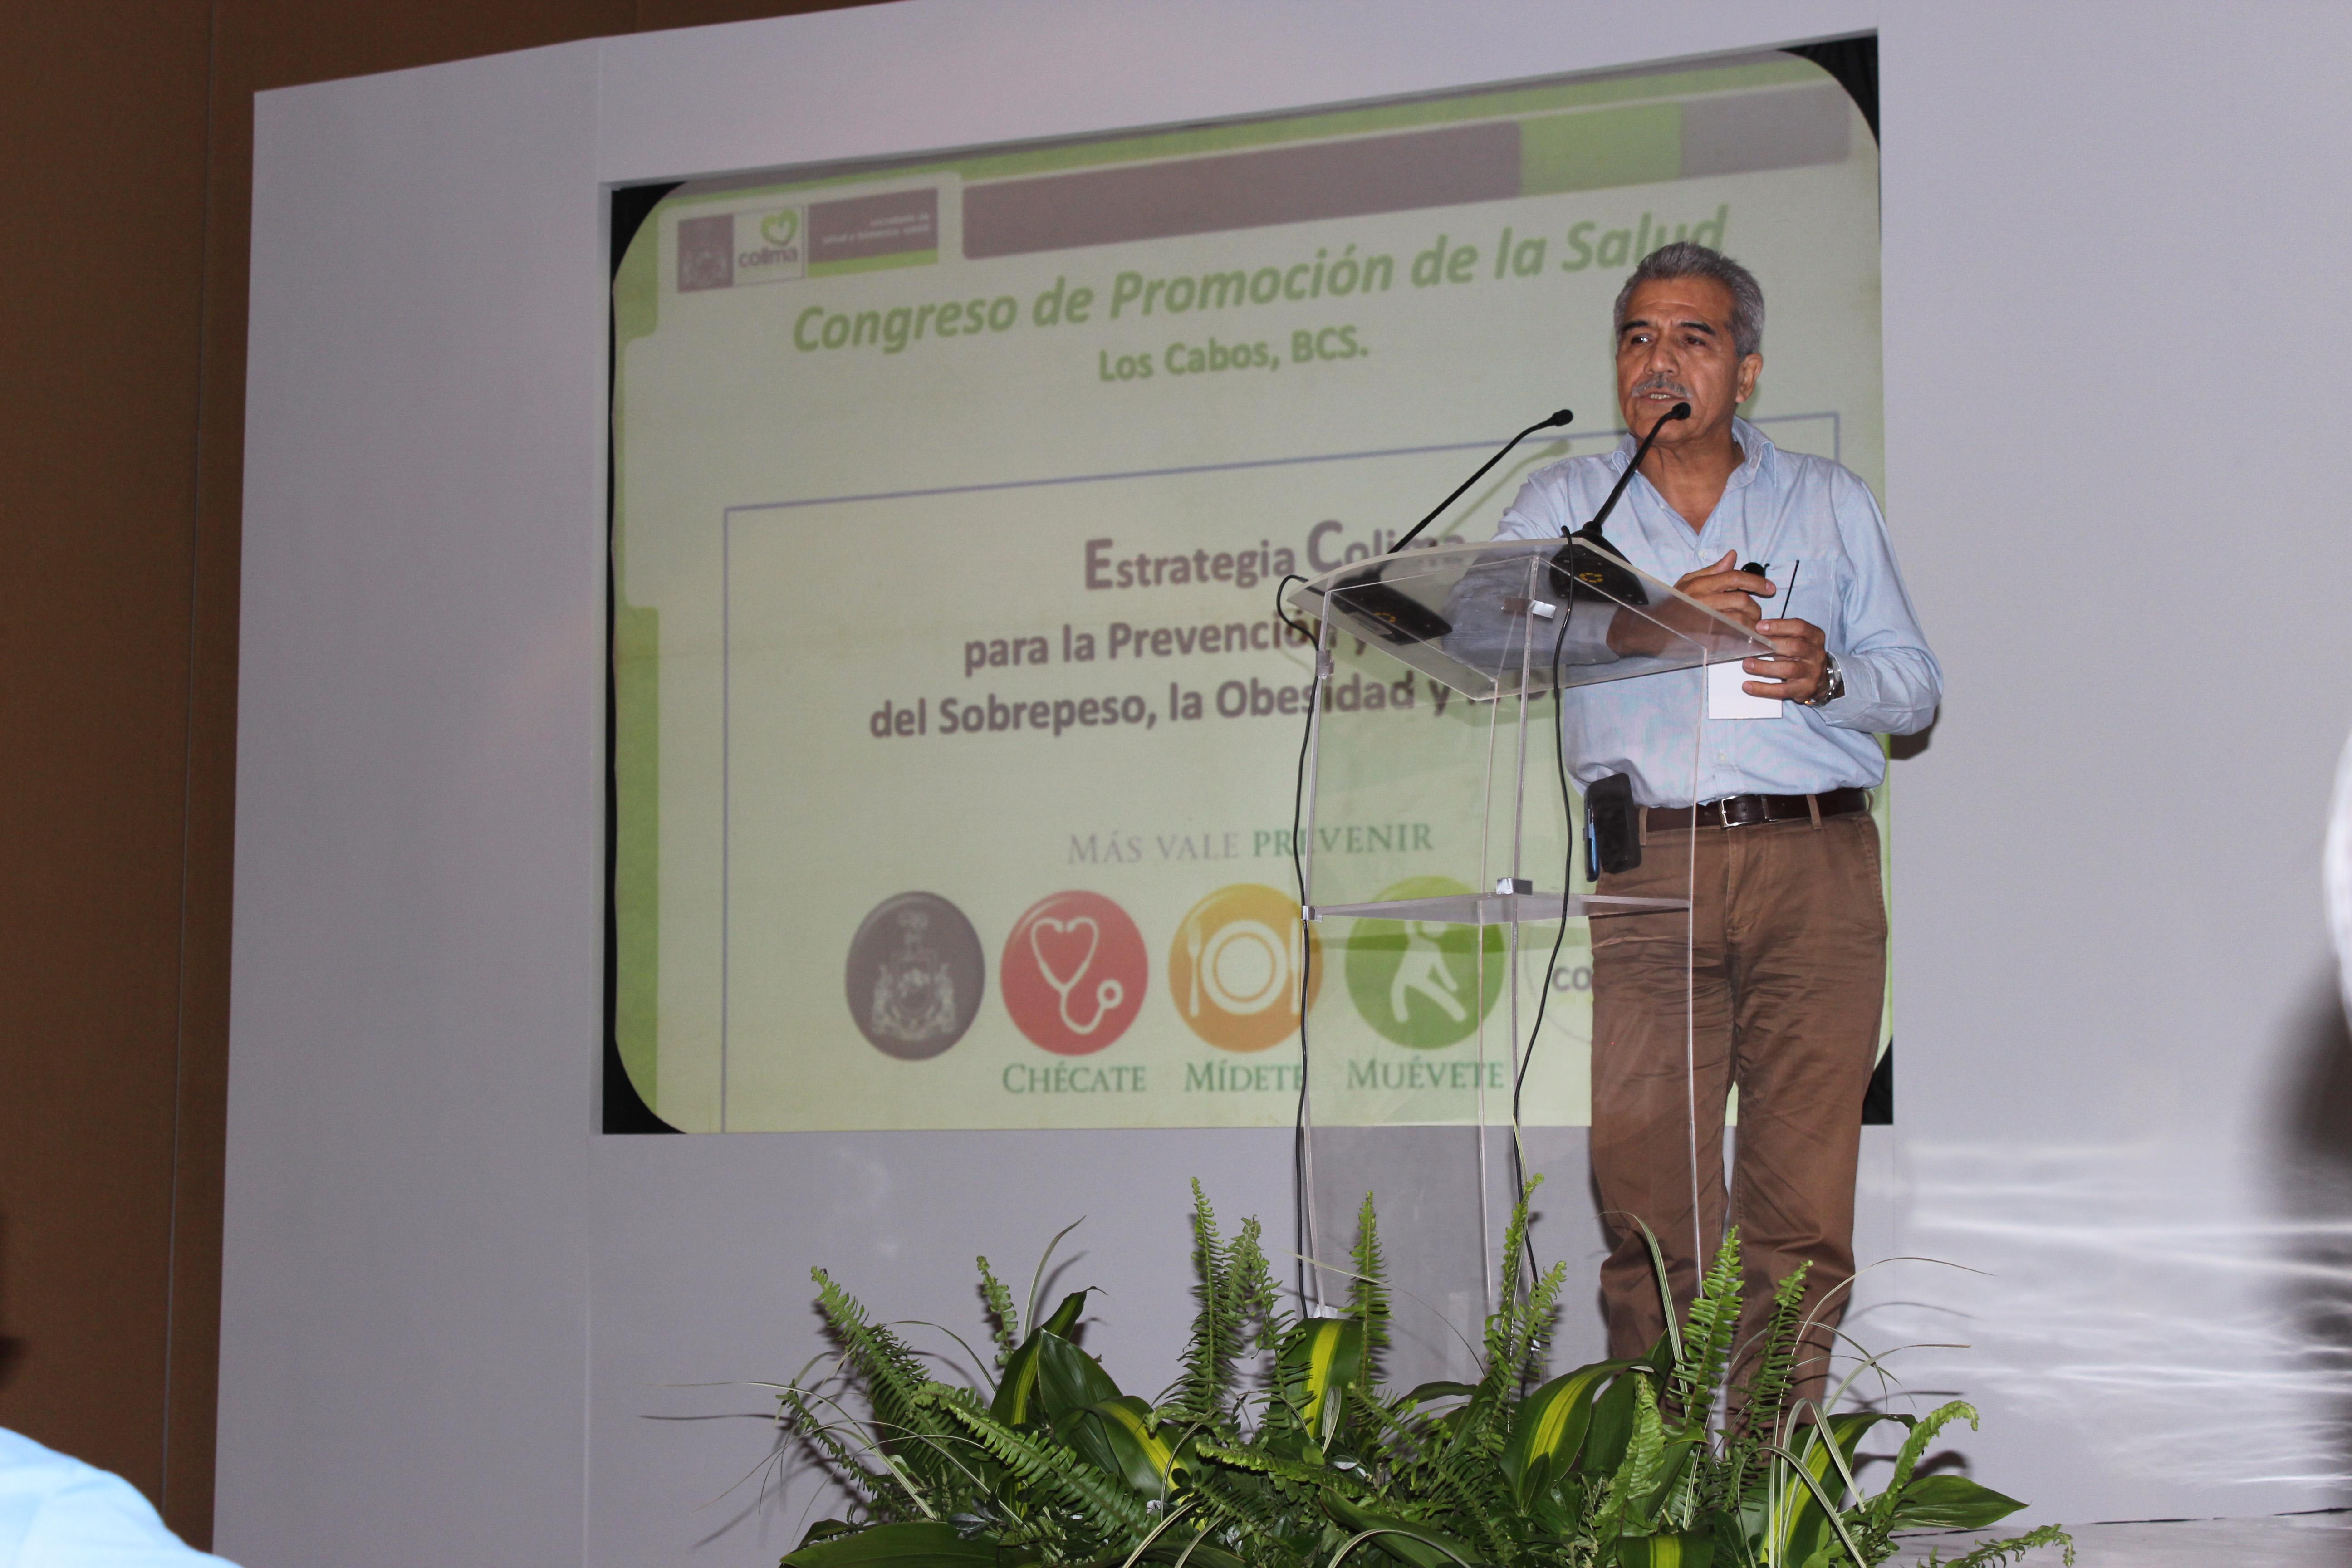 Congreso de Promocion de la Salud 4jpg